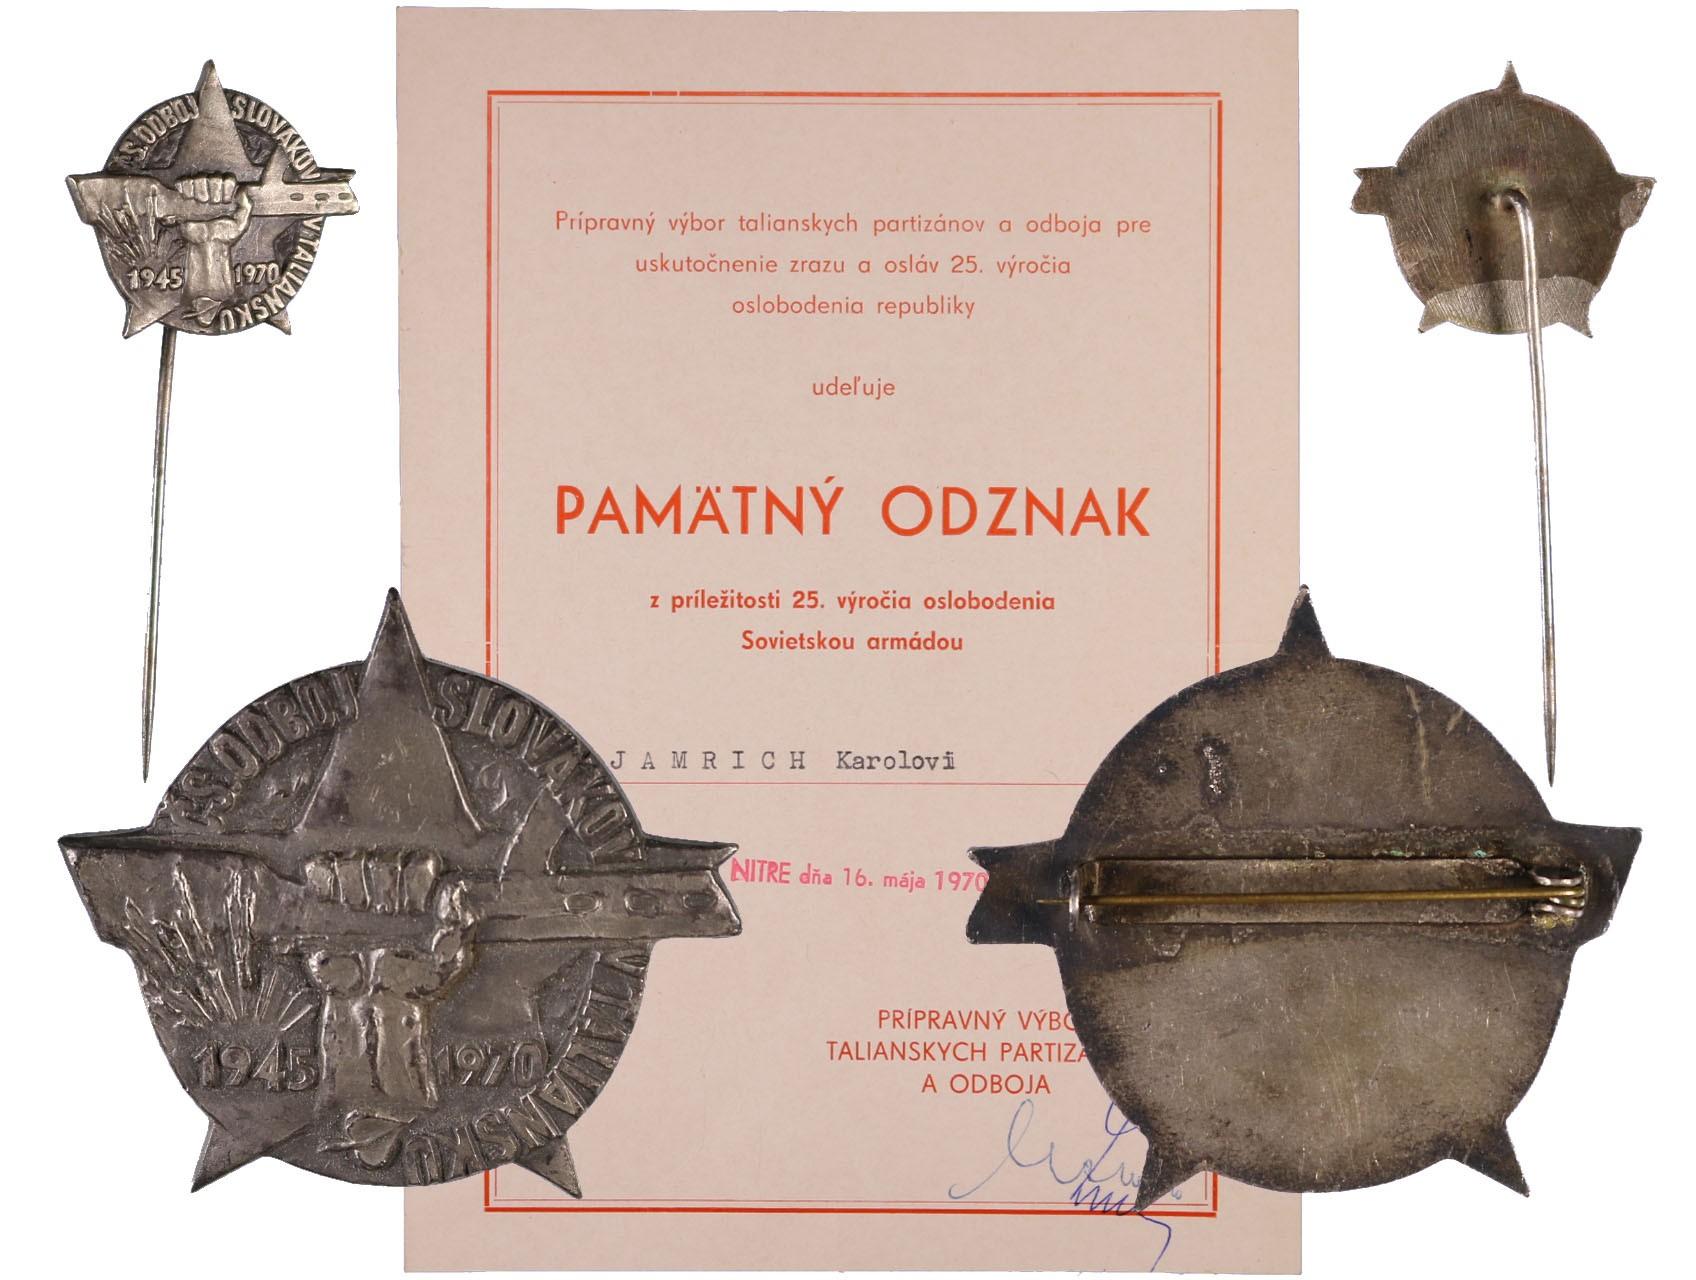 Pamětní odznak ČS odboj Slováků v Itálii s miniaturou a udělovacím dekretem z roku 1970, VM 228b